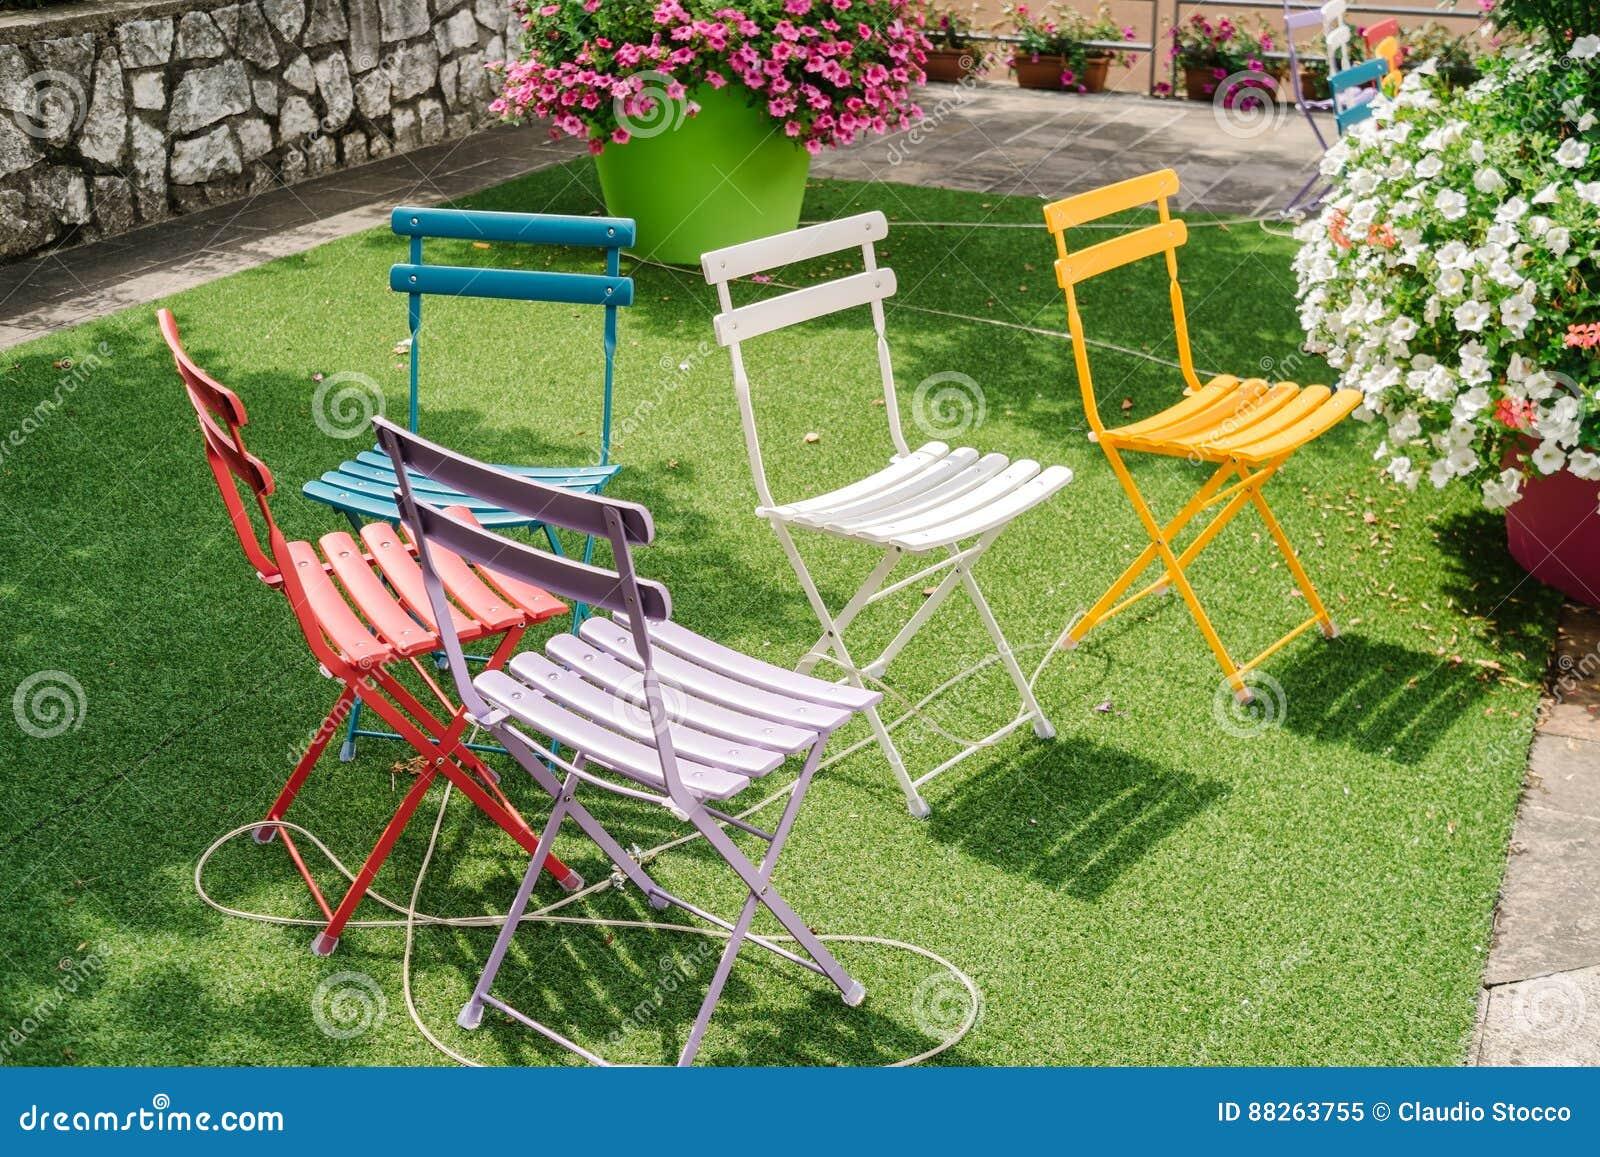 Sedie Da Esterno Colorate.Sedie Di Giardino Colorate Immagine Stock Immagine Di Aperto